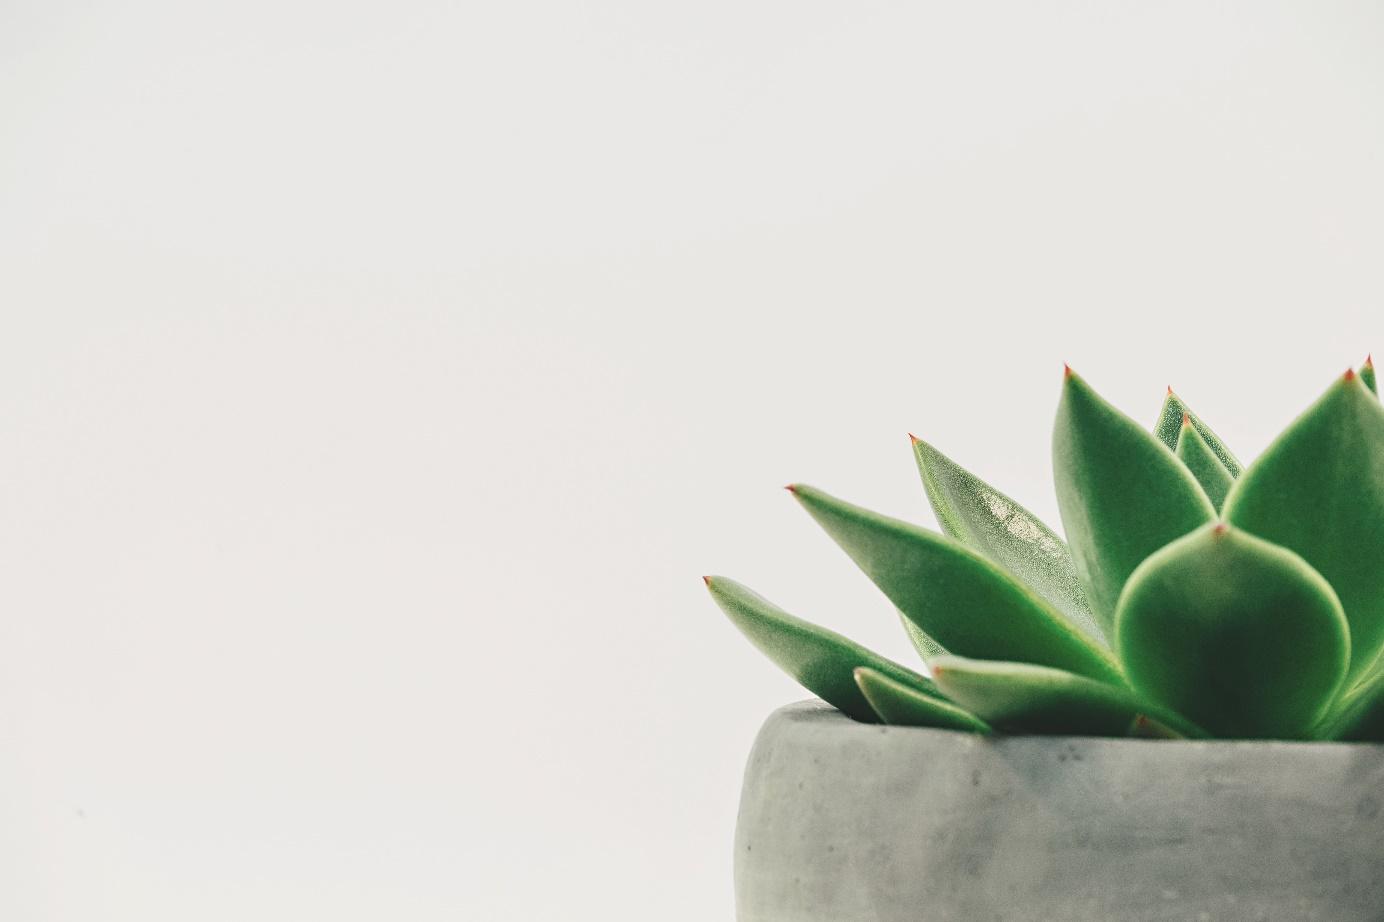 5 astuces bio et pas chères pour la maison